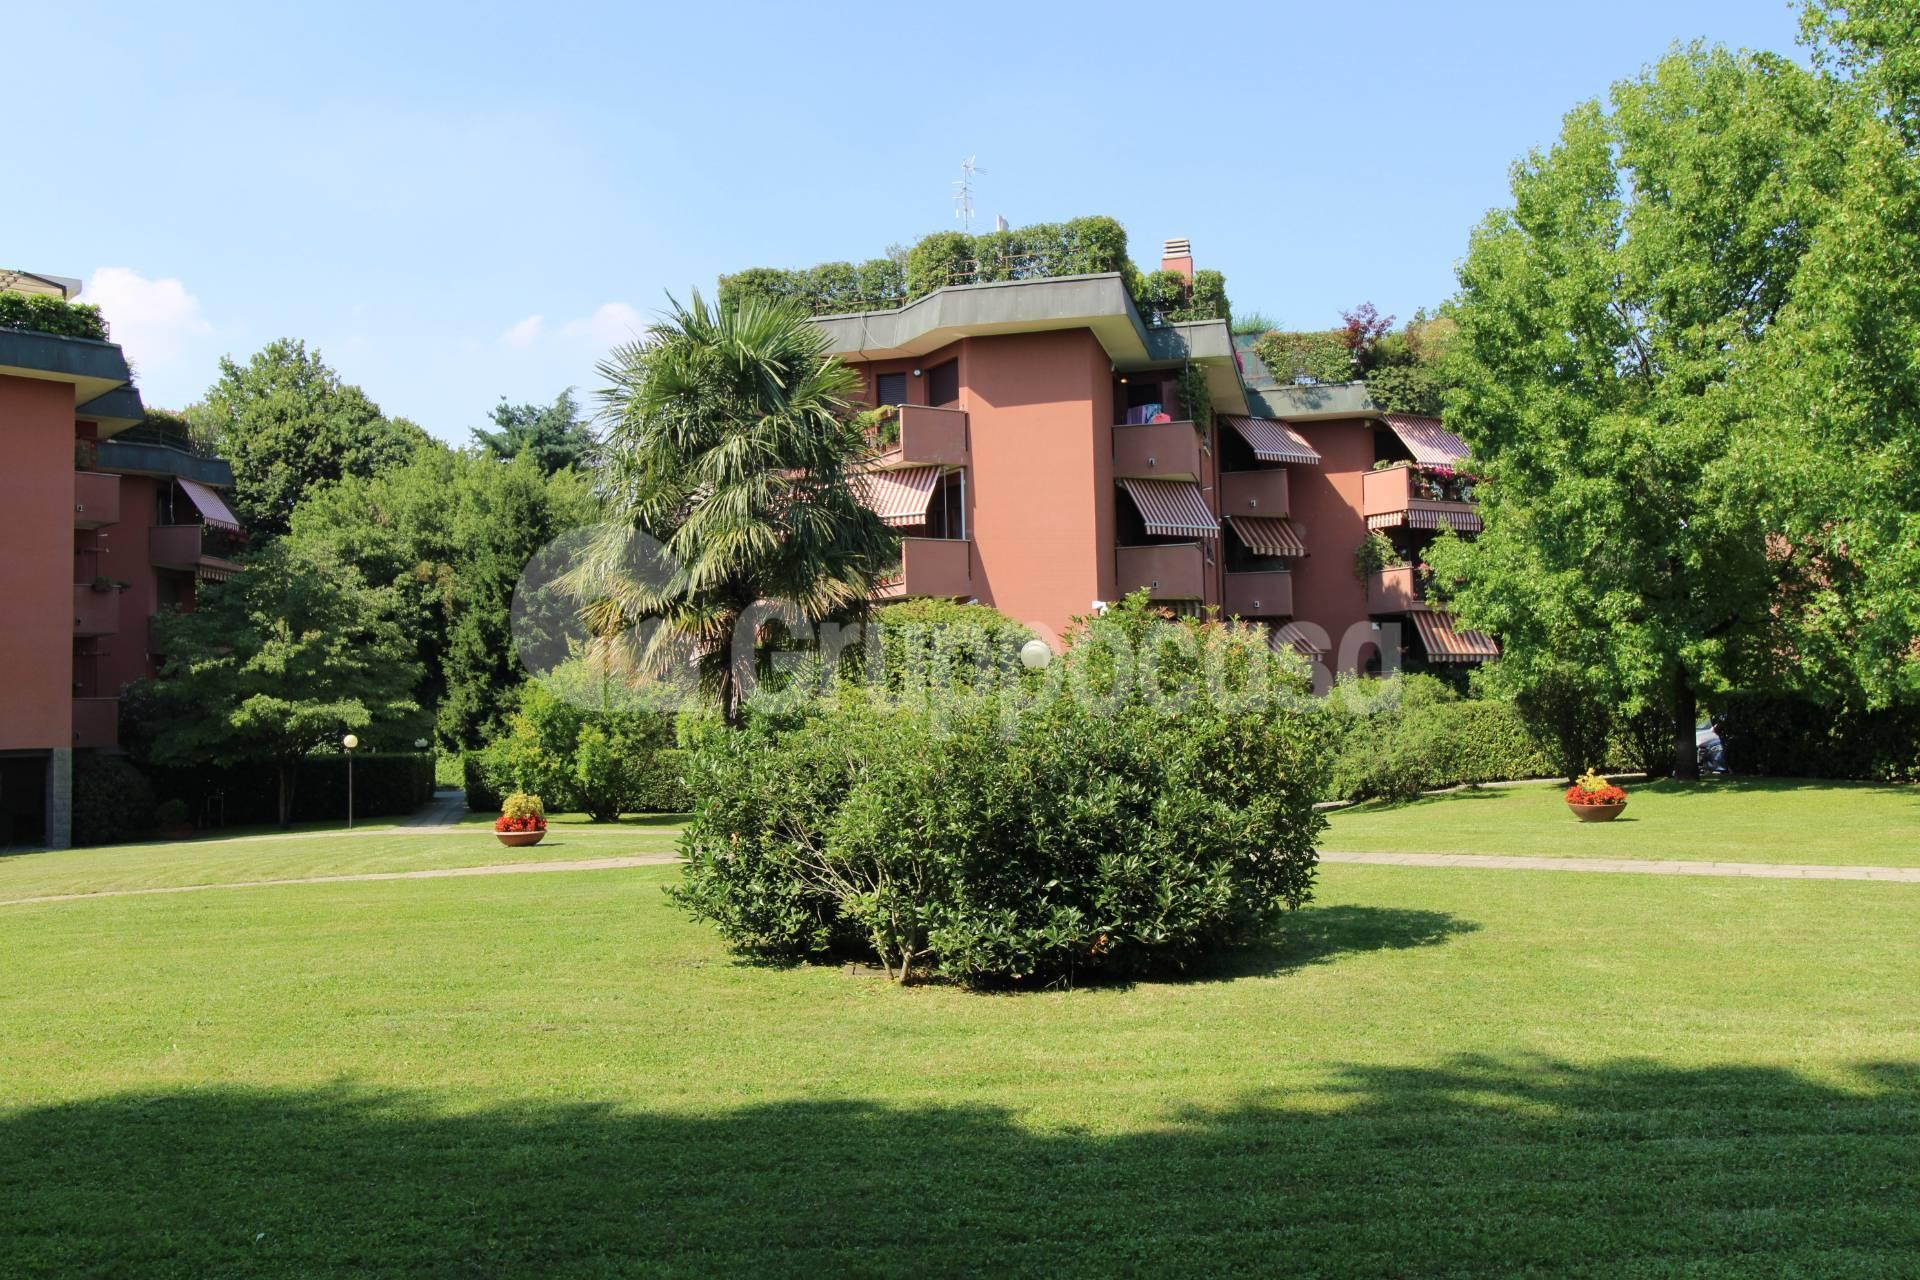 Appartamento in vendita a Arese, 4 locali, prezzo € 300.000 | CambioCasa.it